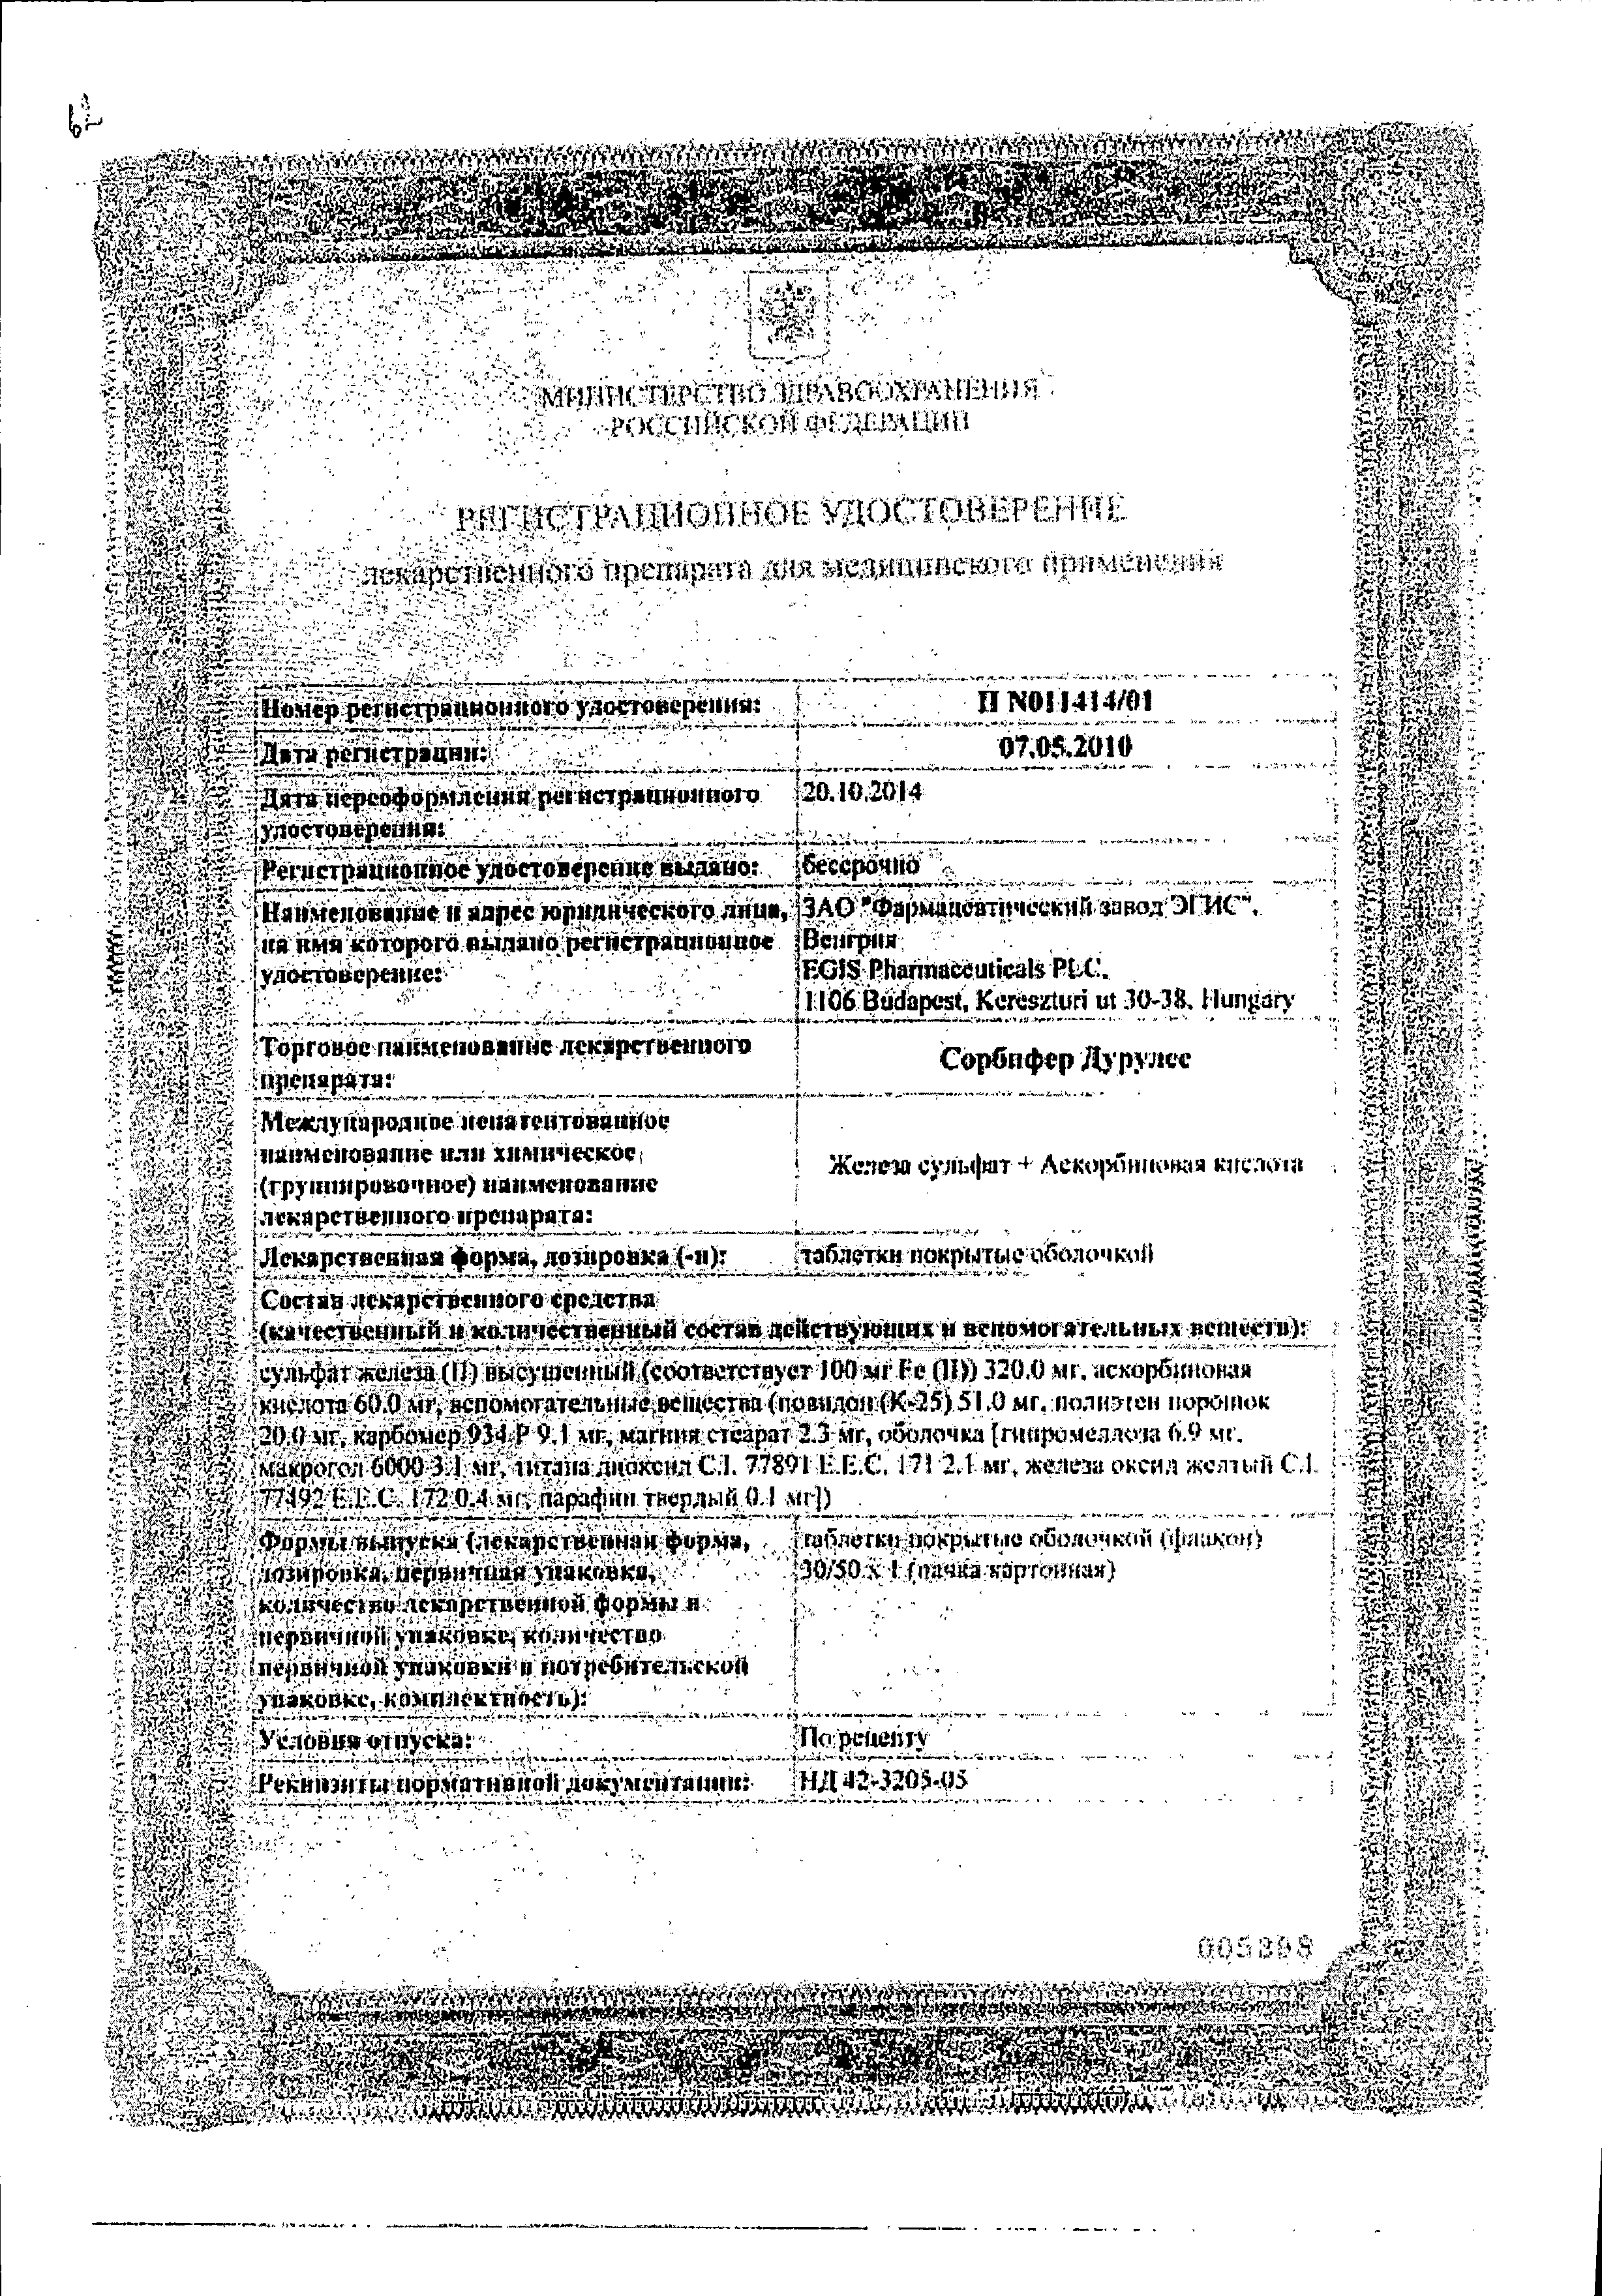 Сорбифер Дурулес сертификат